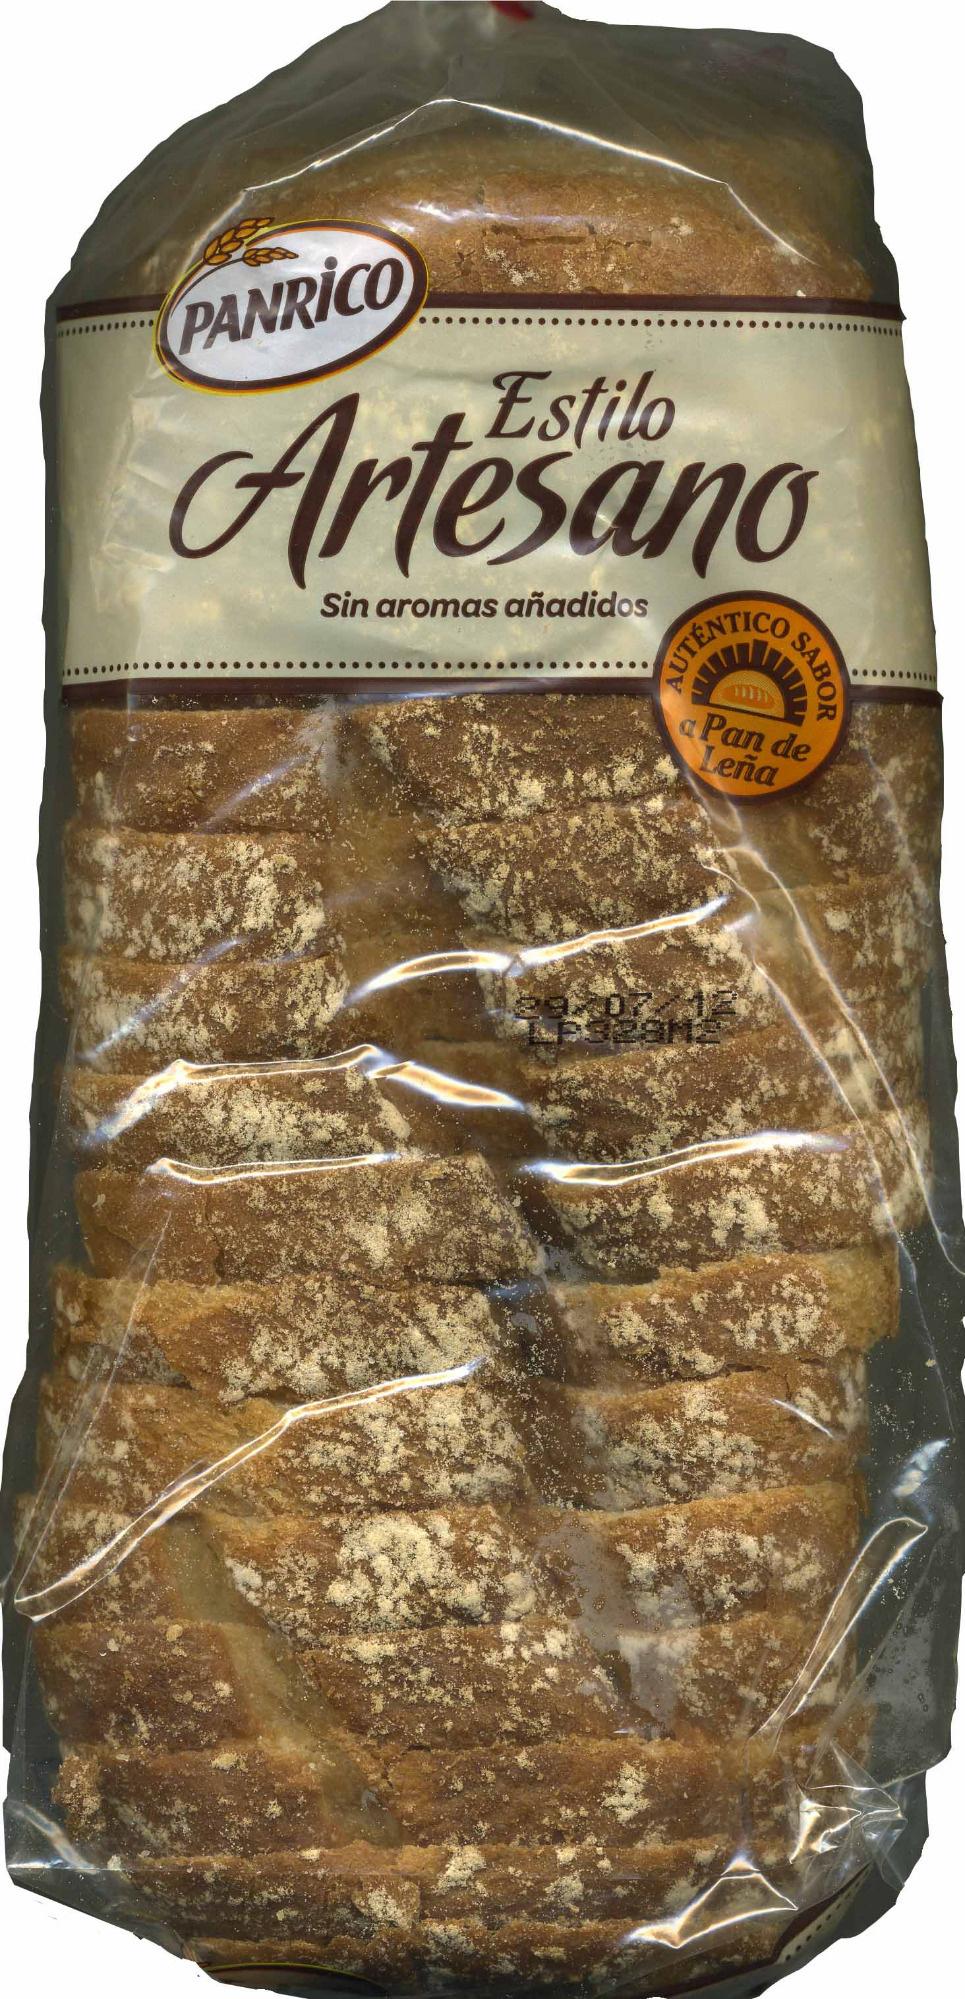 Pan de molde Estilo artesano - Producto - es